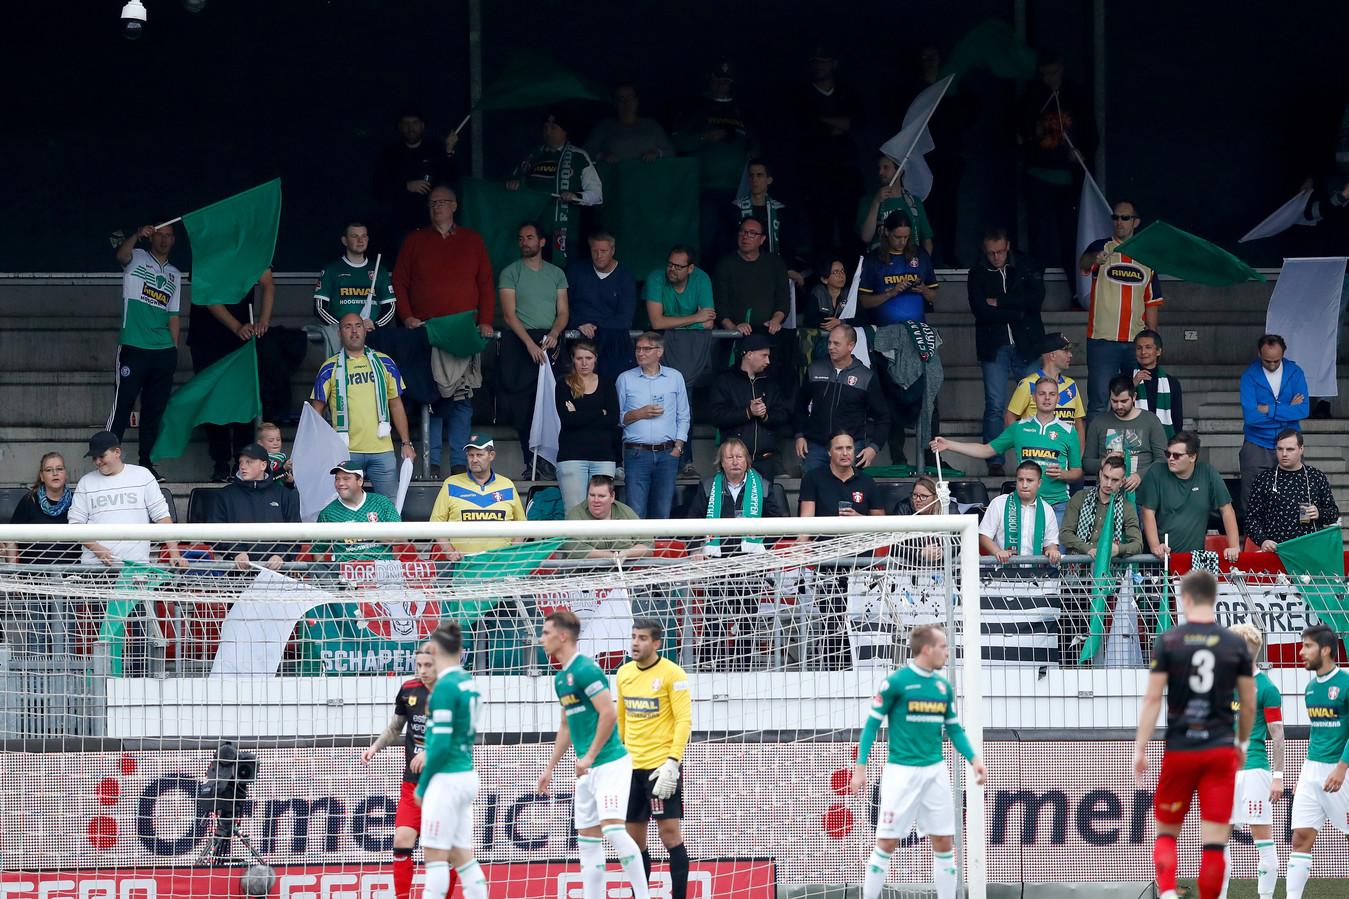 Supporters van FC Dordrecht tijdens Excelsior - FC Dordrecht eerder dit jaar. Foto ter illustratie.